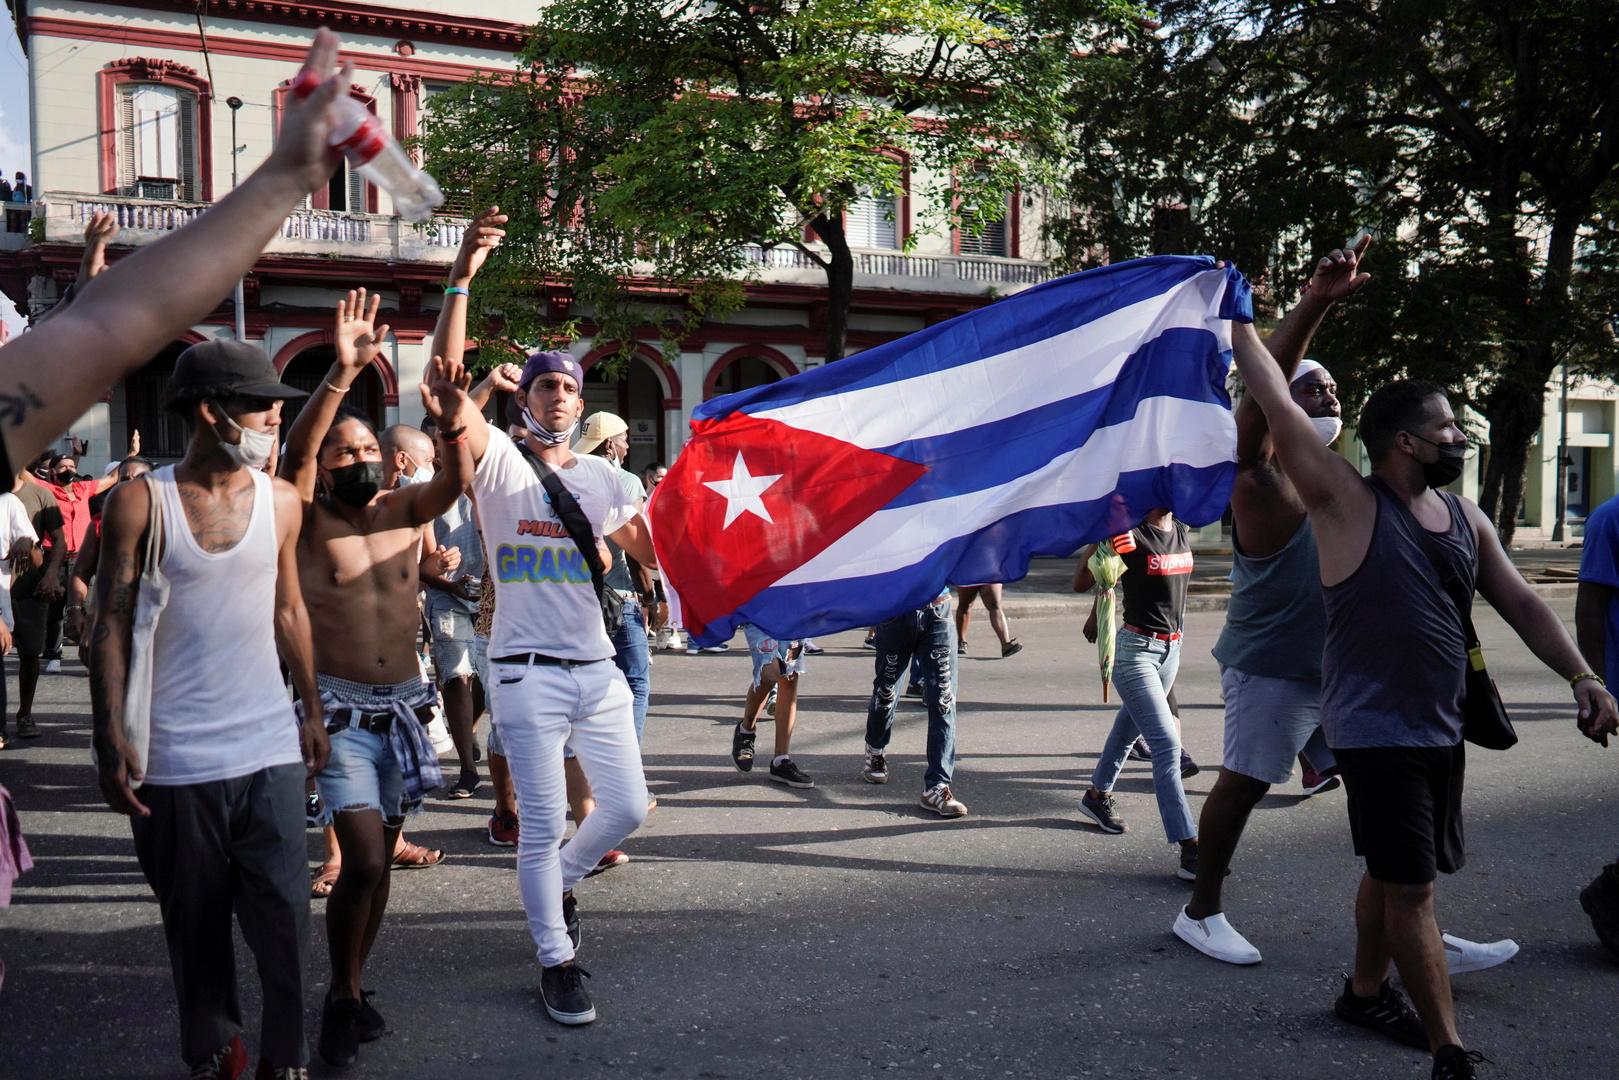 موسكو: واشنطن تبدي عجرفة في تحميل الحكومة الكوبية سبب الاحتجاجات في البلاد